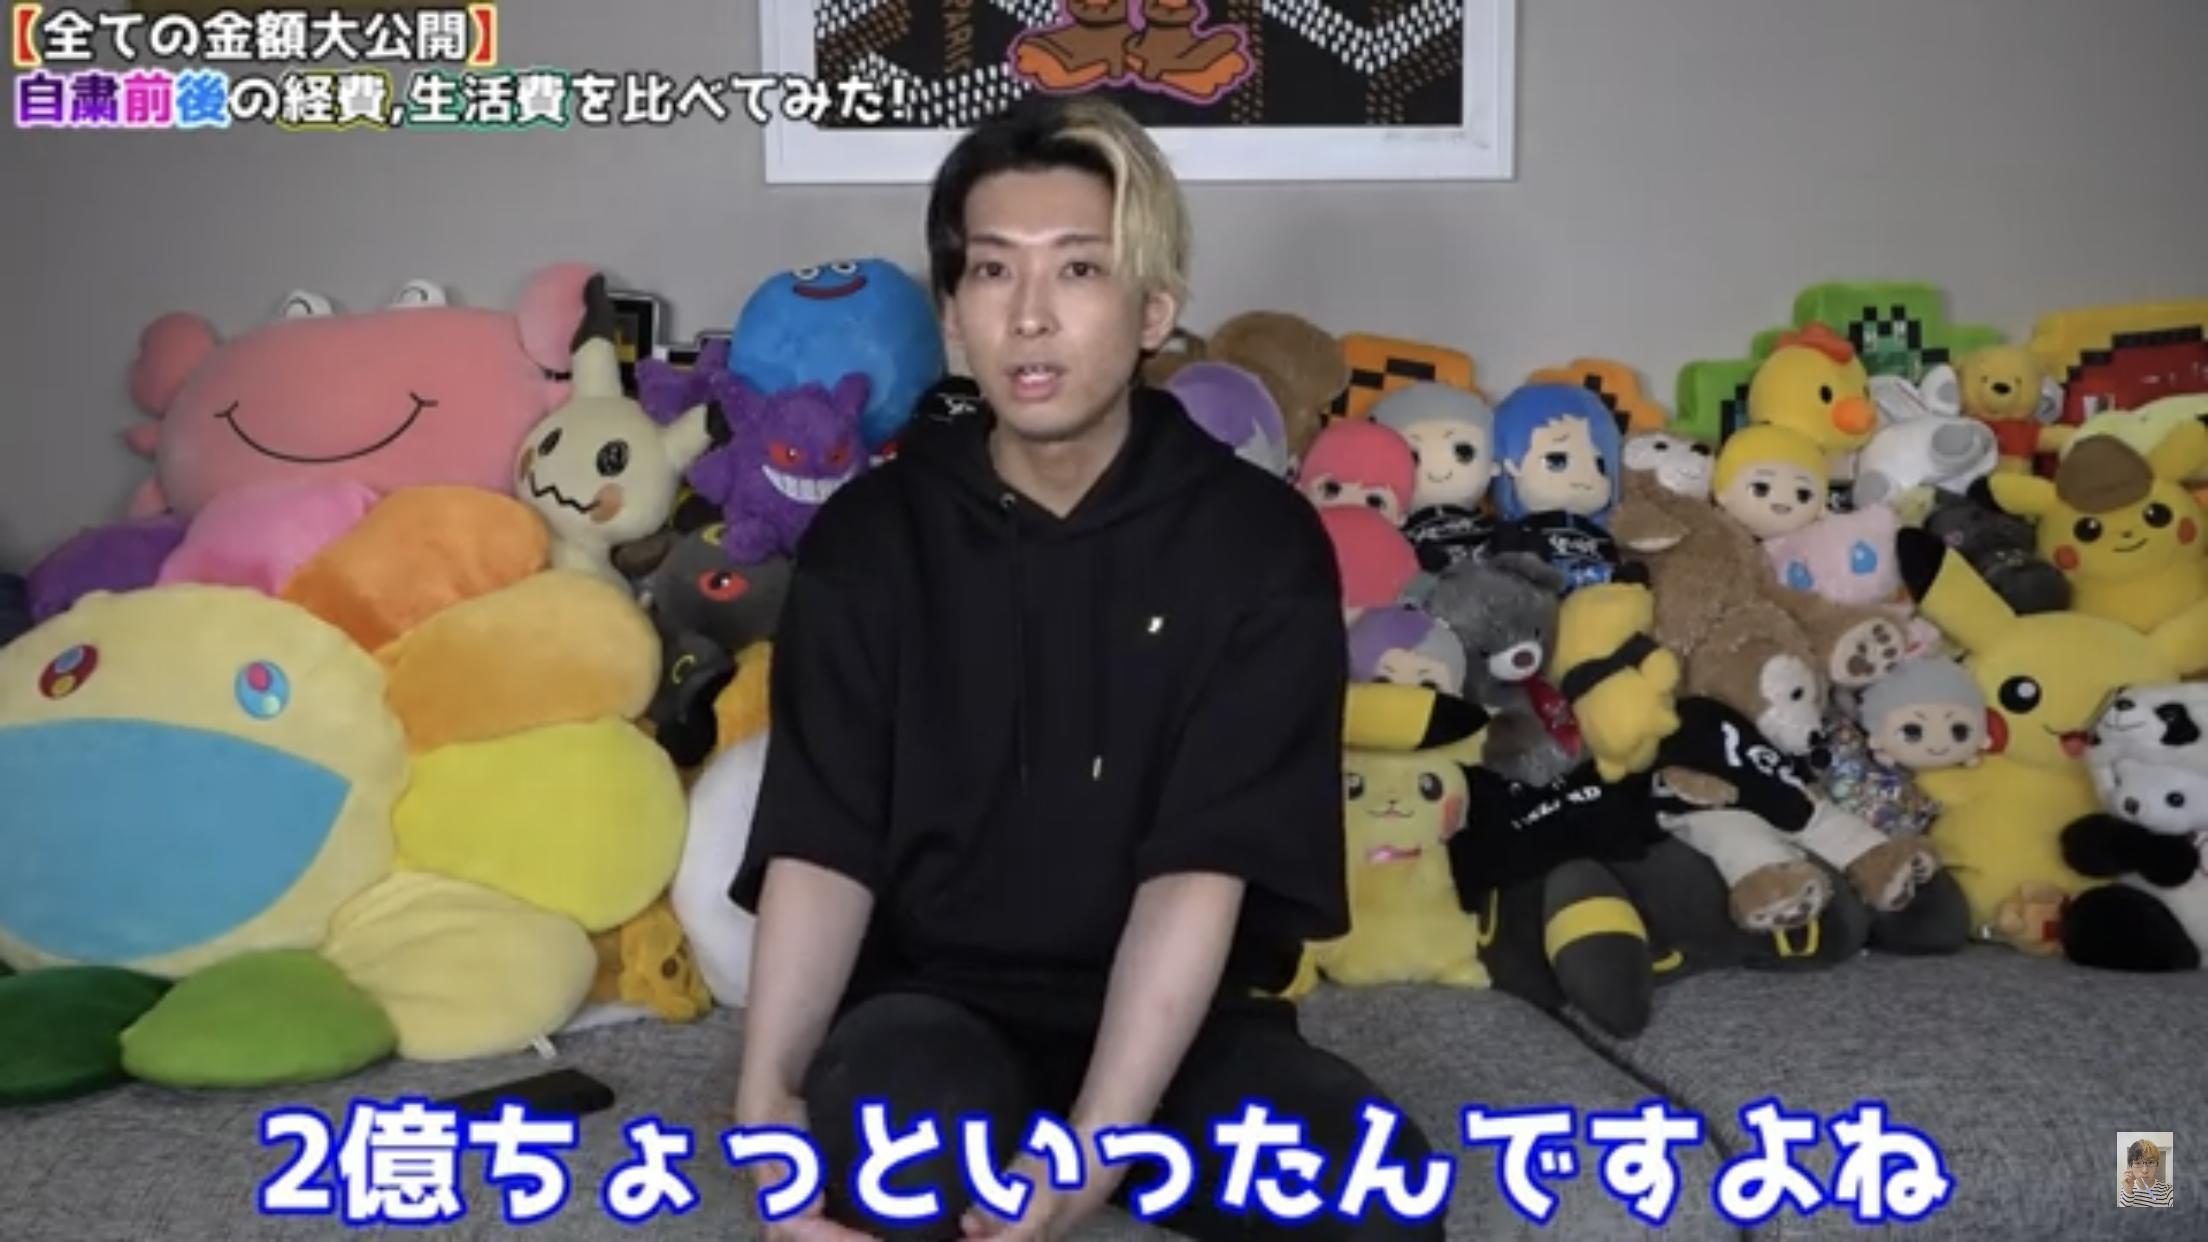 大人気YouTuberヒカルさんの月収2億円突破!!!